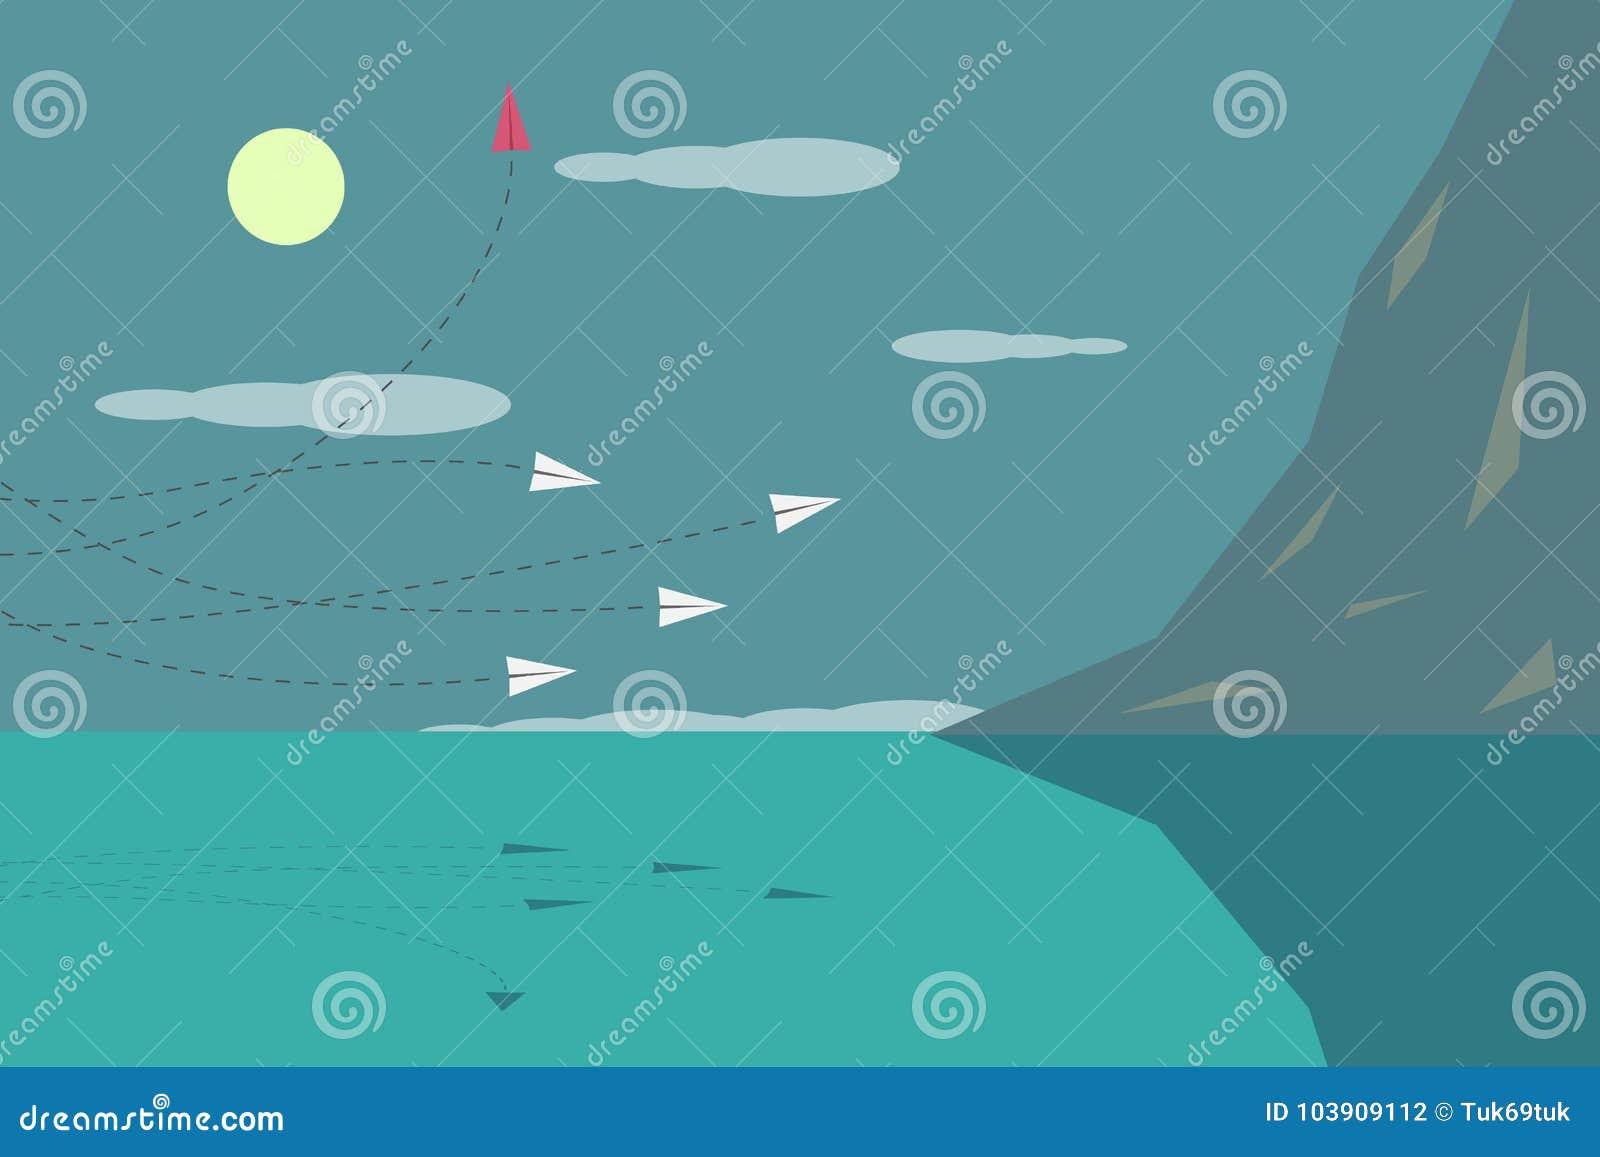 Rode vliegtuig veranderende richting en witte degenen Nieuw idee, verandering, tendens, moed, creatieve oplossing, innovatie a